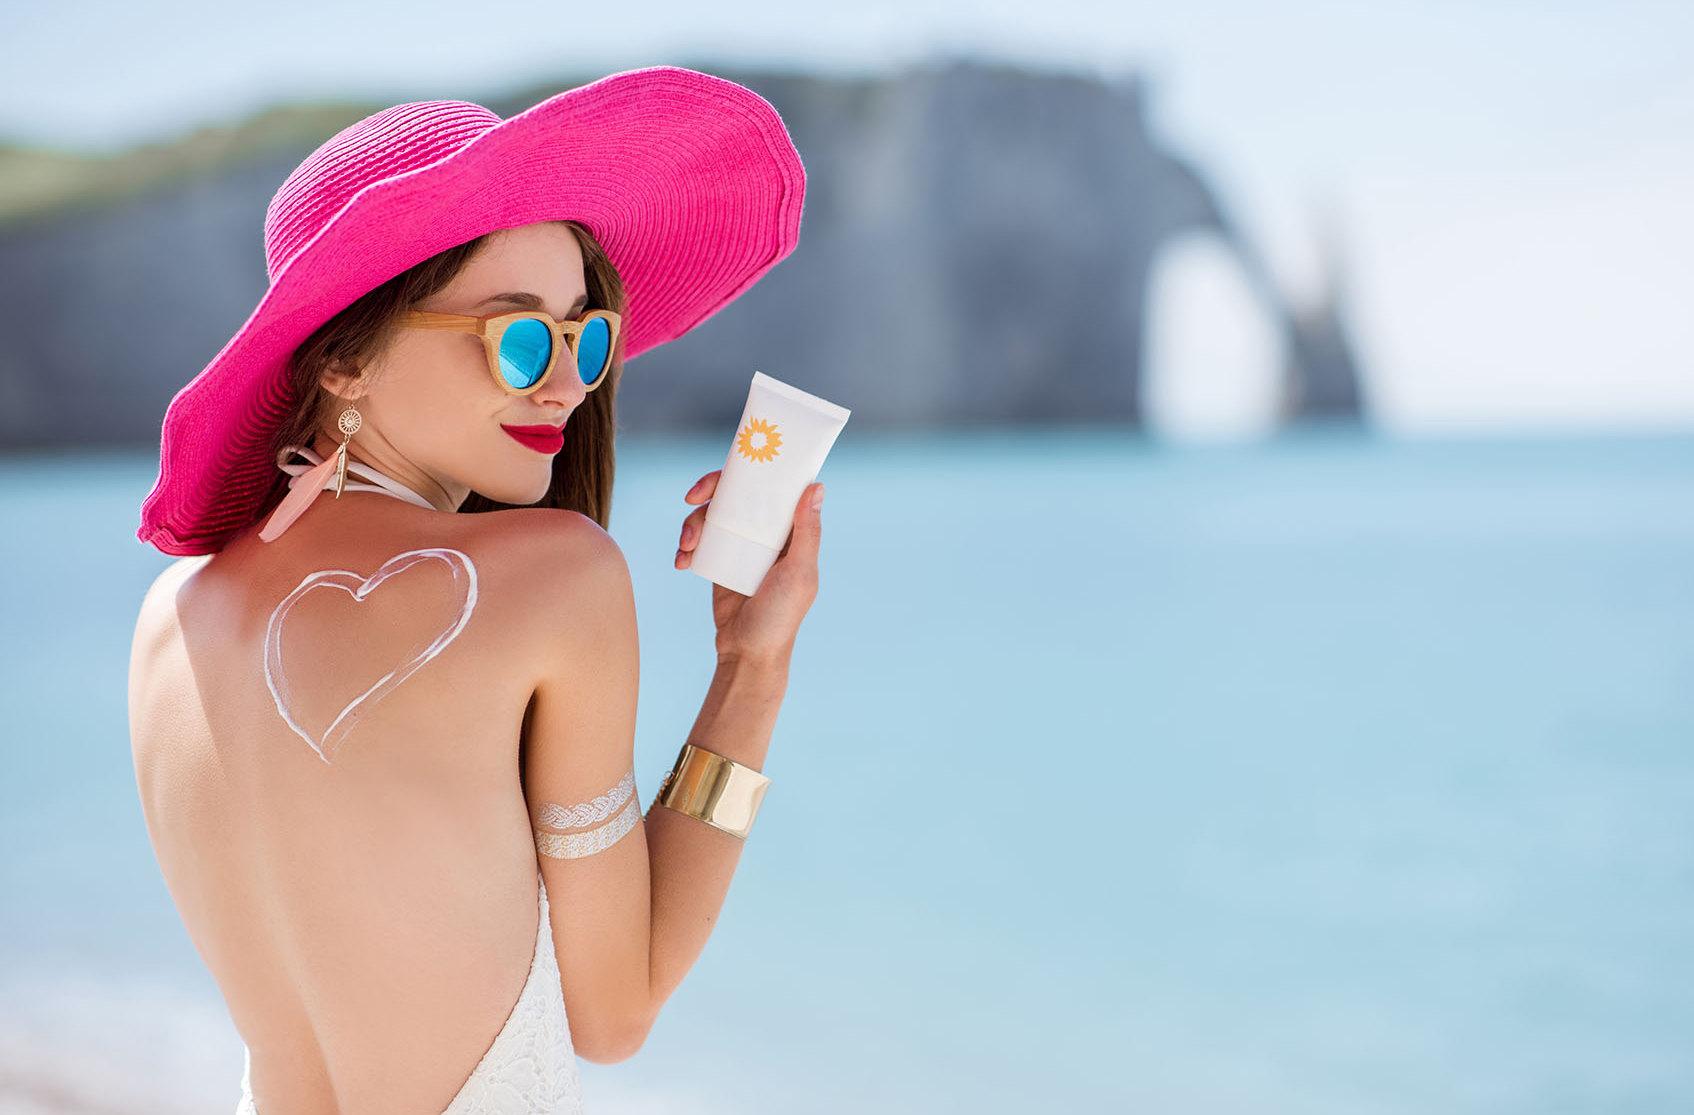 Лайфхак: какую косметику взять с собой в отпуск?